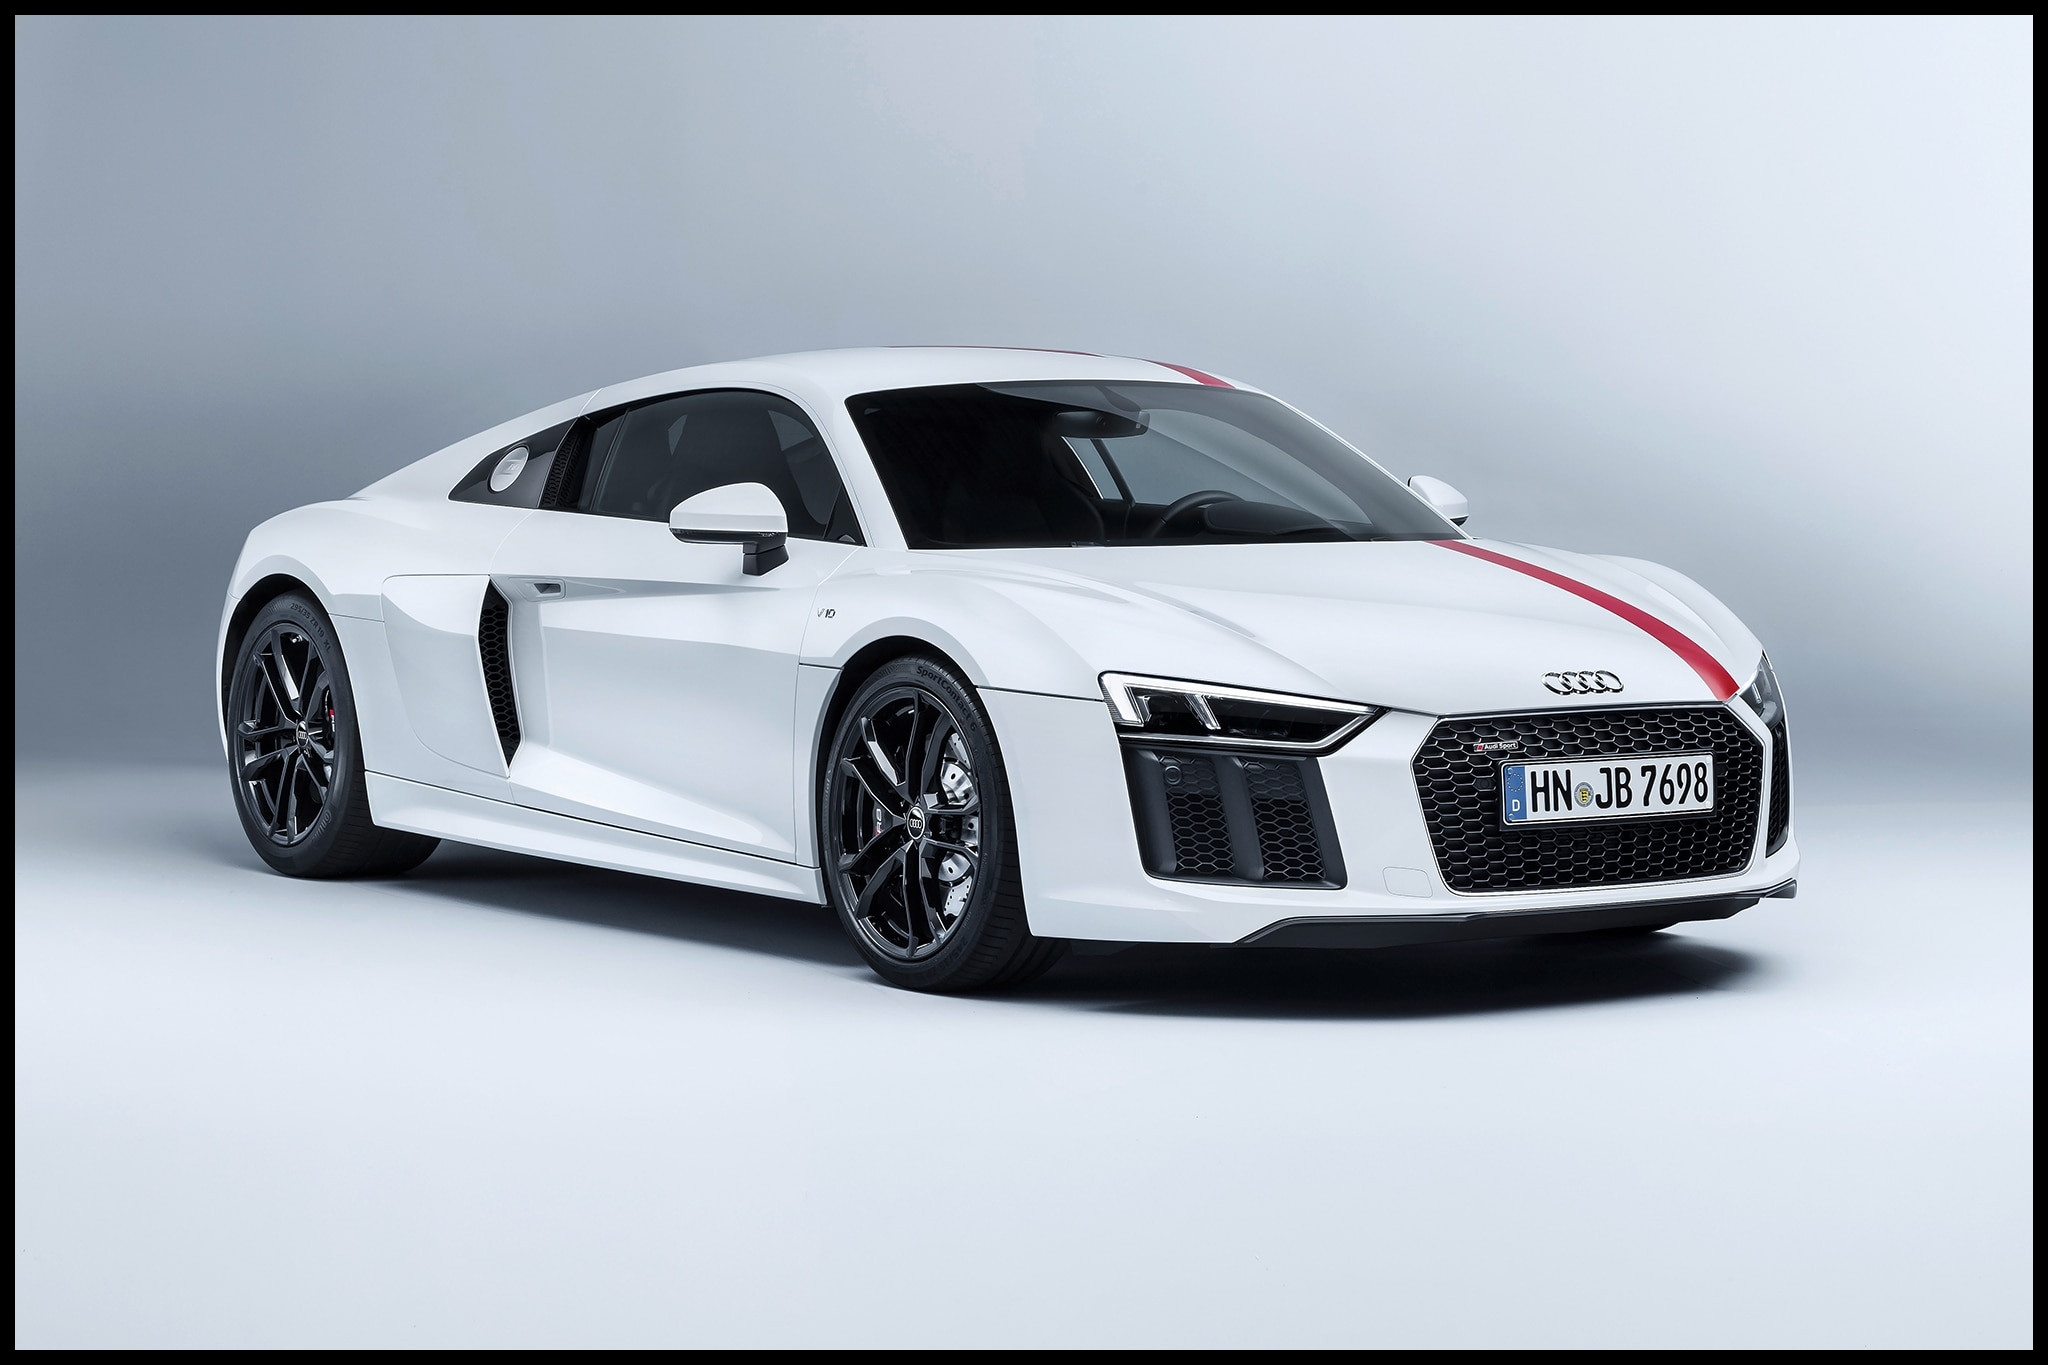 Beautiful 2019 Audi R8 top Speed